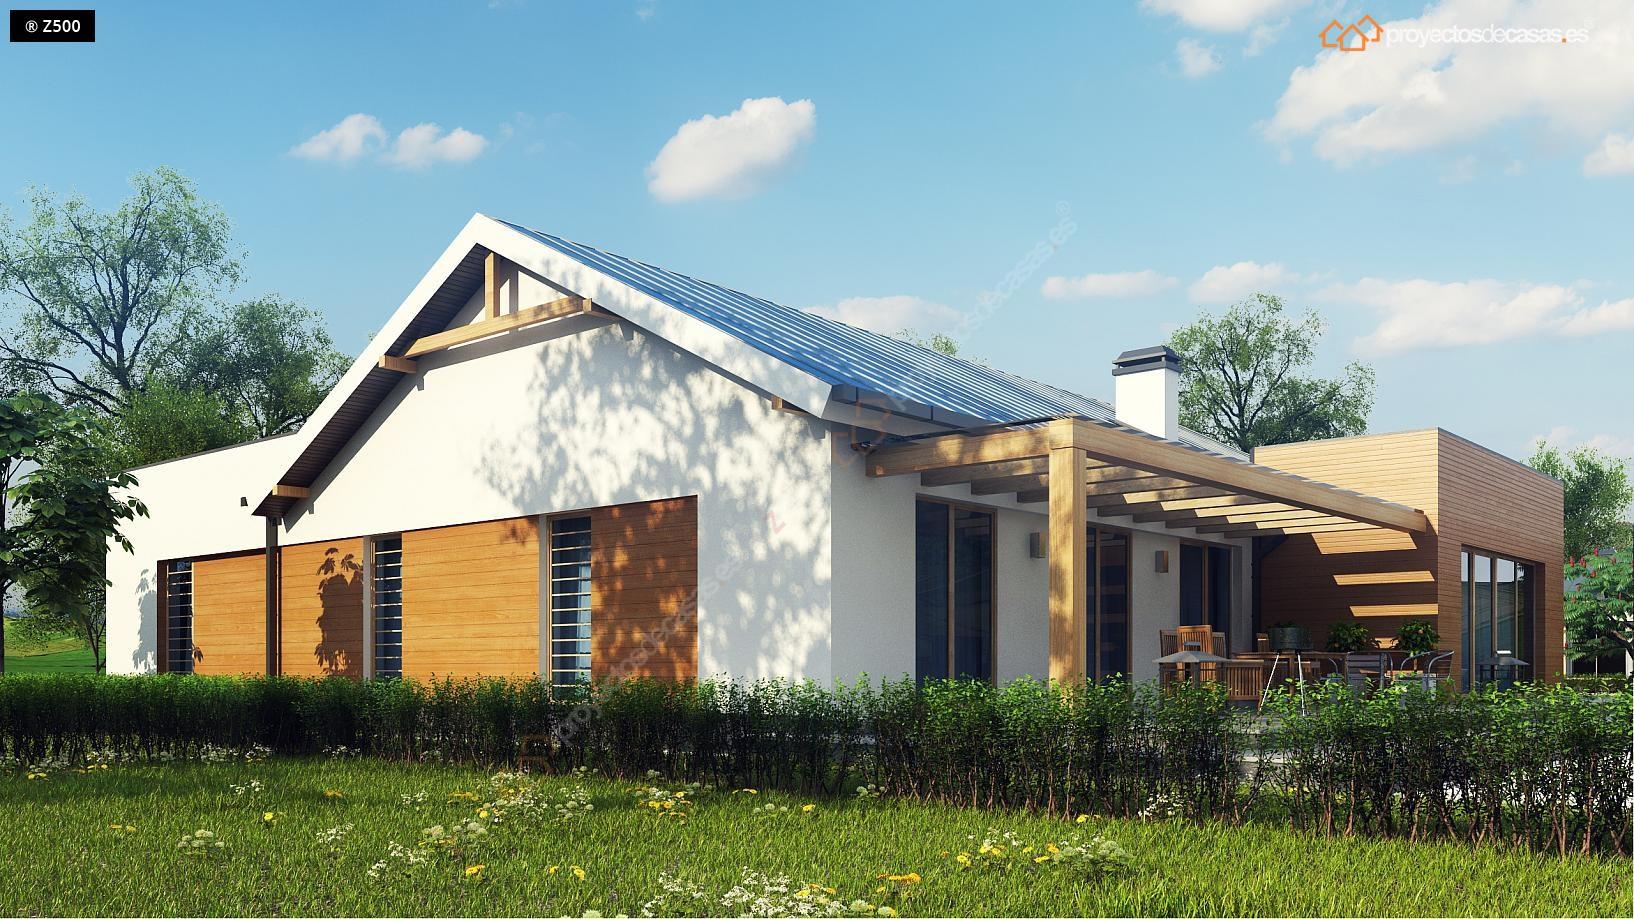 Proyectos de casas casa tradicional proyectosdecasas - Diseno de una casa ...